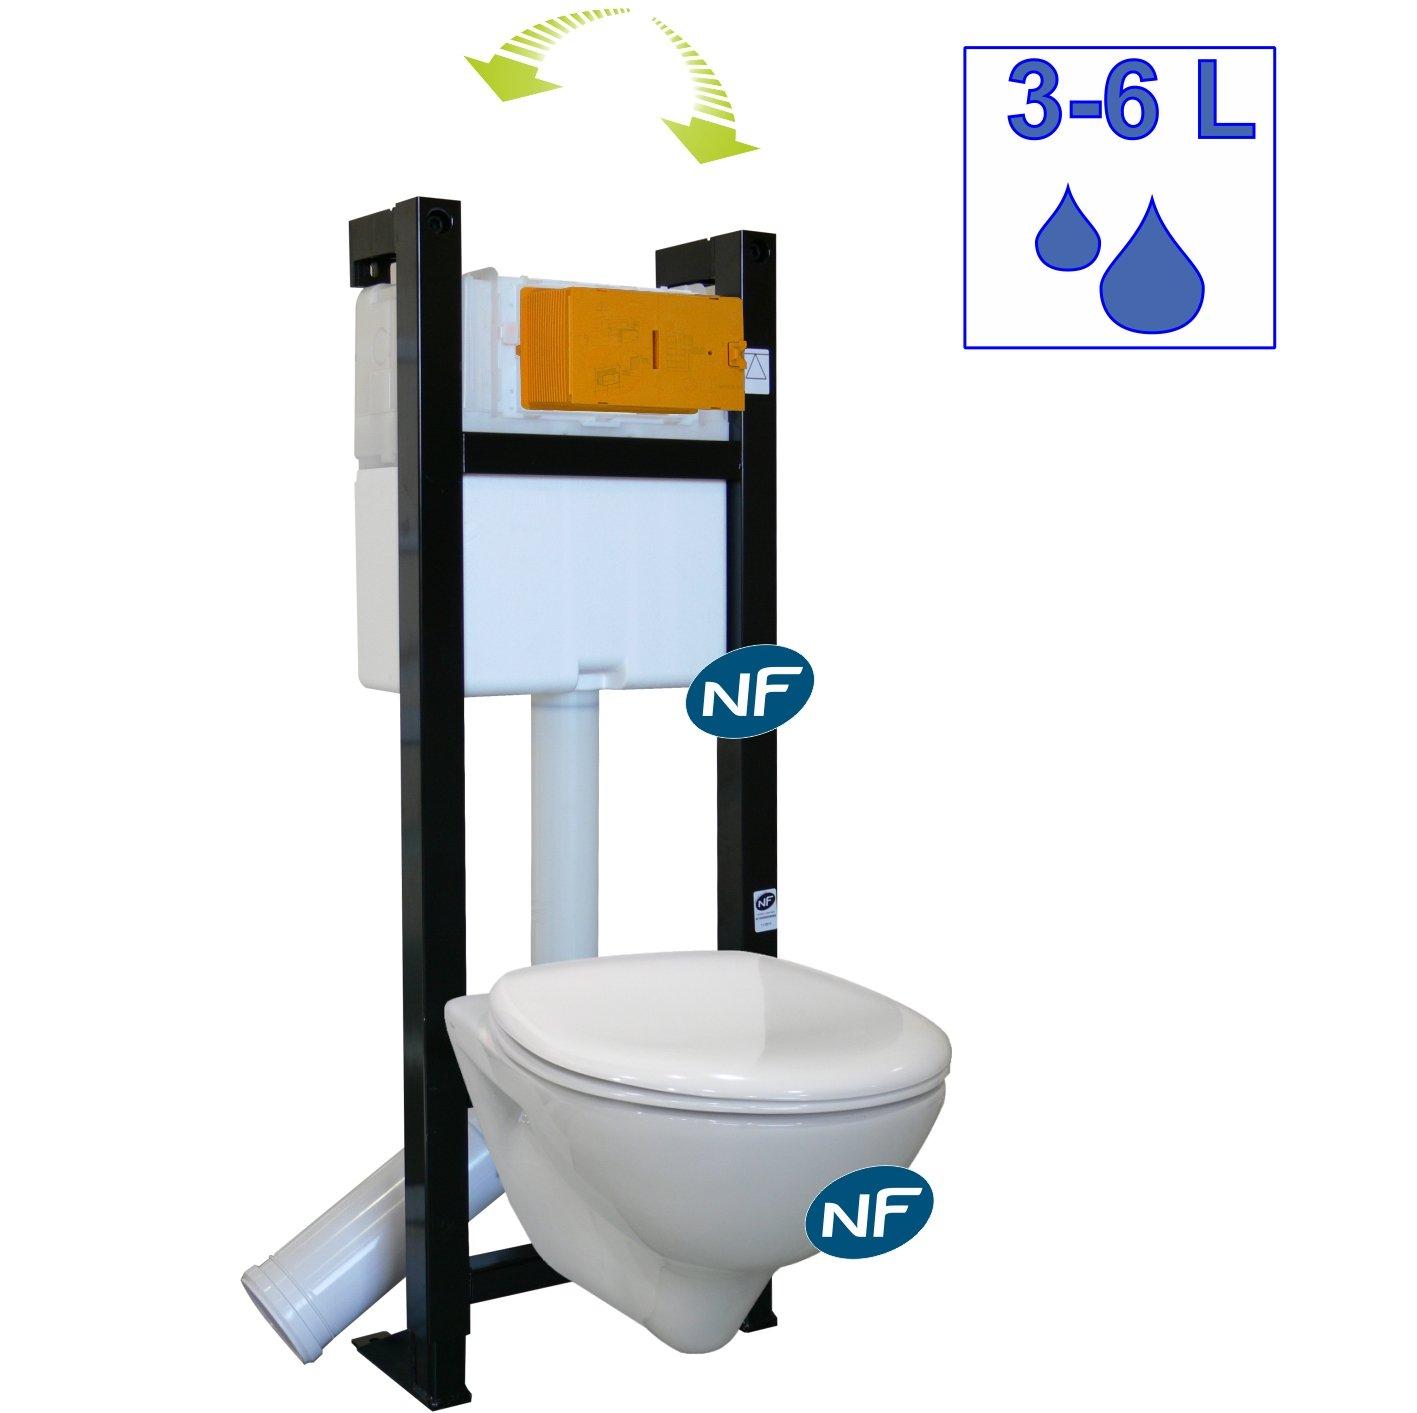 Baignoire et sanitaire wc carrelage - Pack wc suspendu noir ...